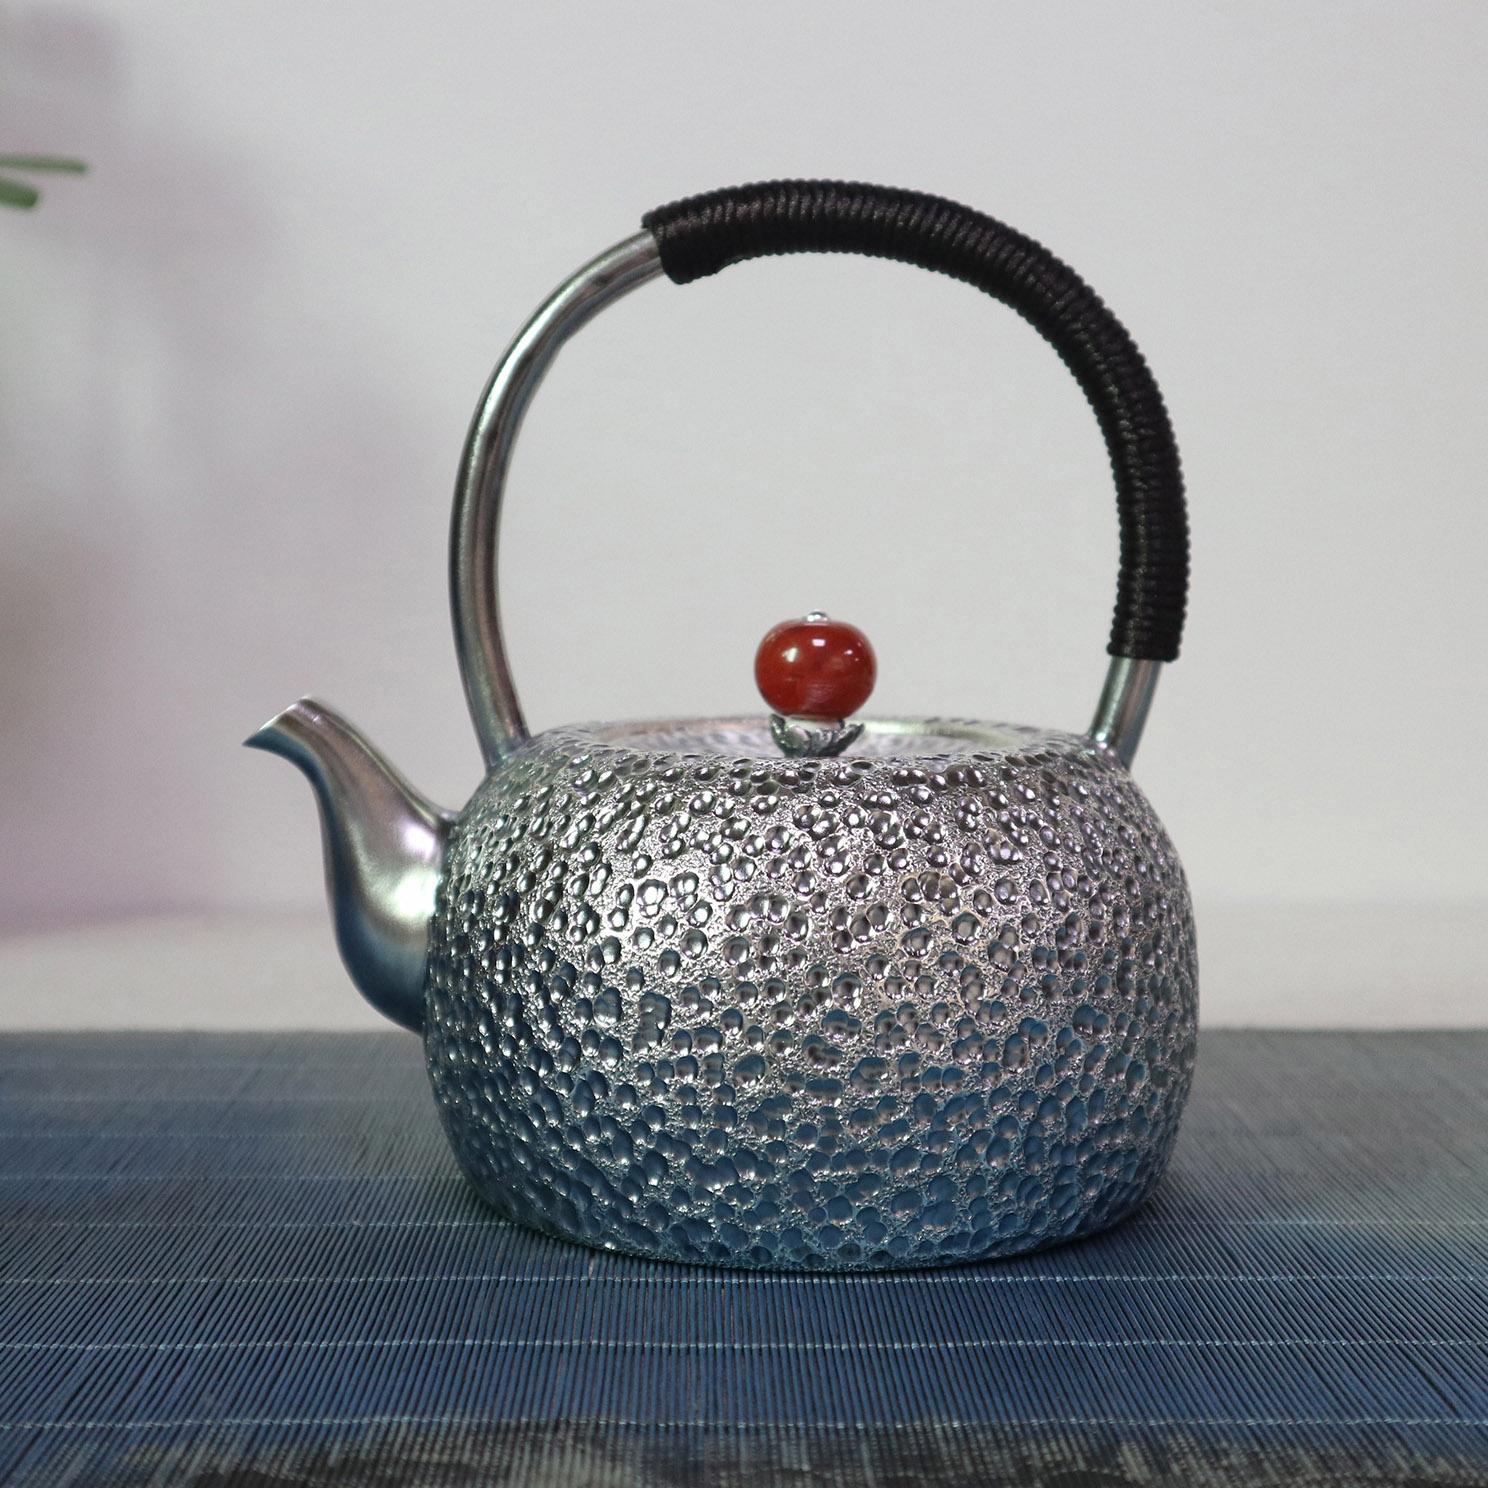 【寒冬腊月】S999纯银手工 烧水壶